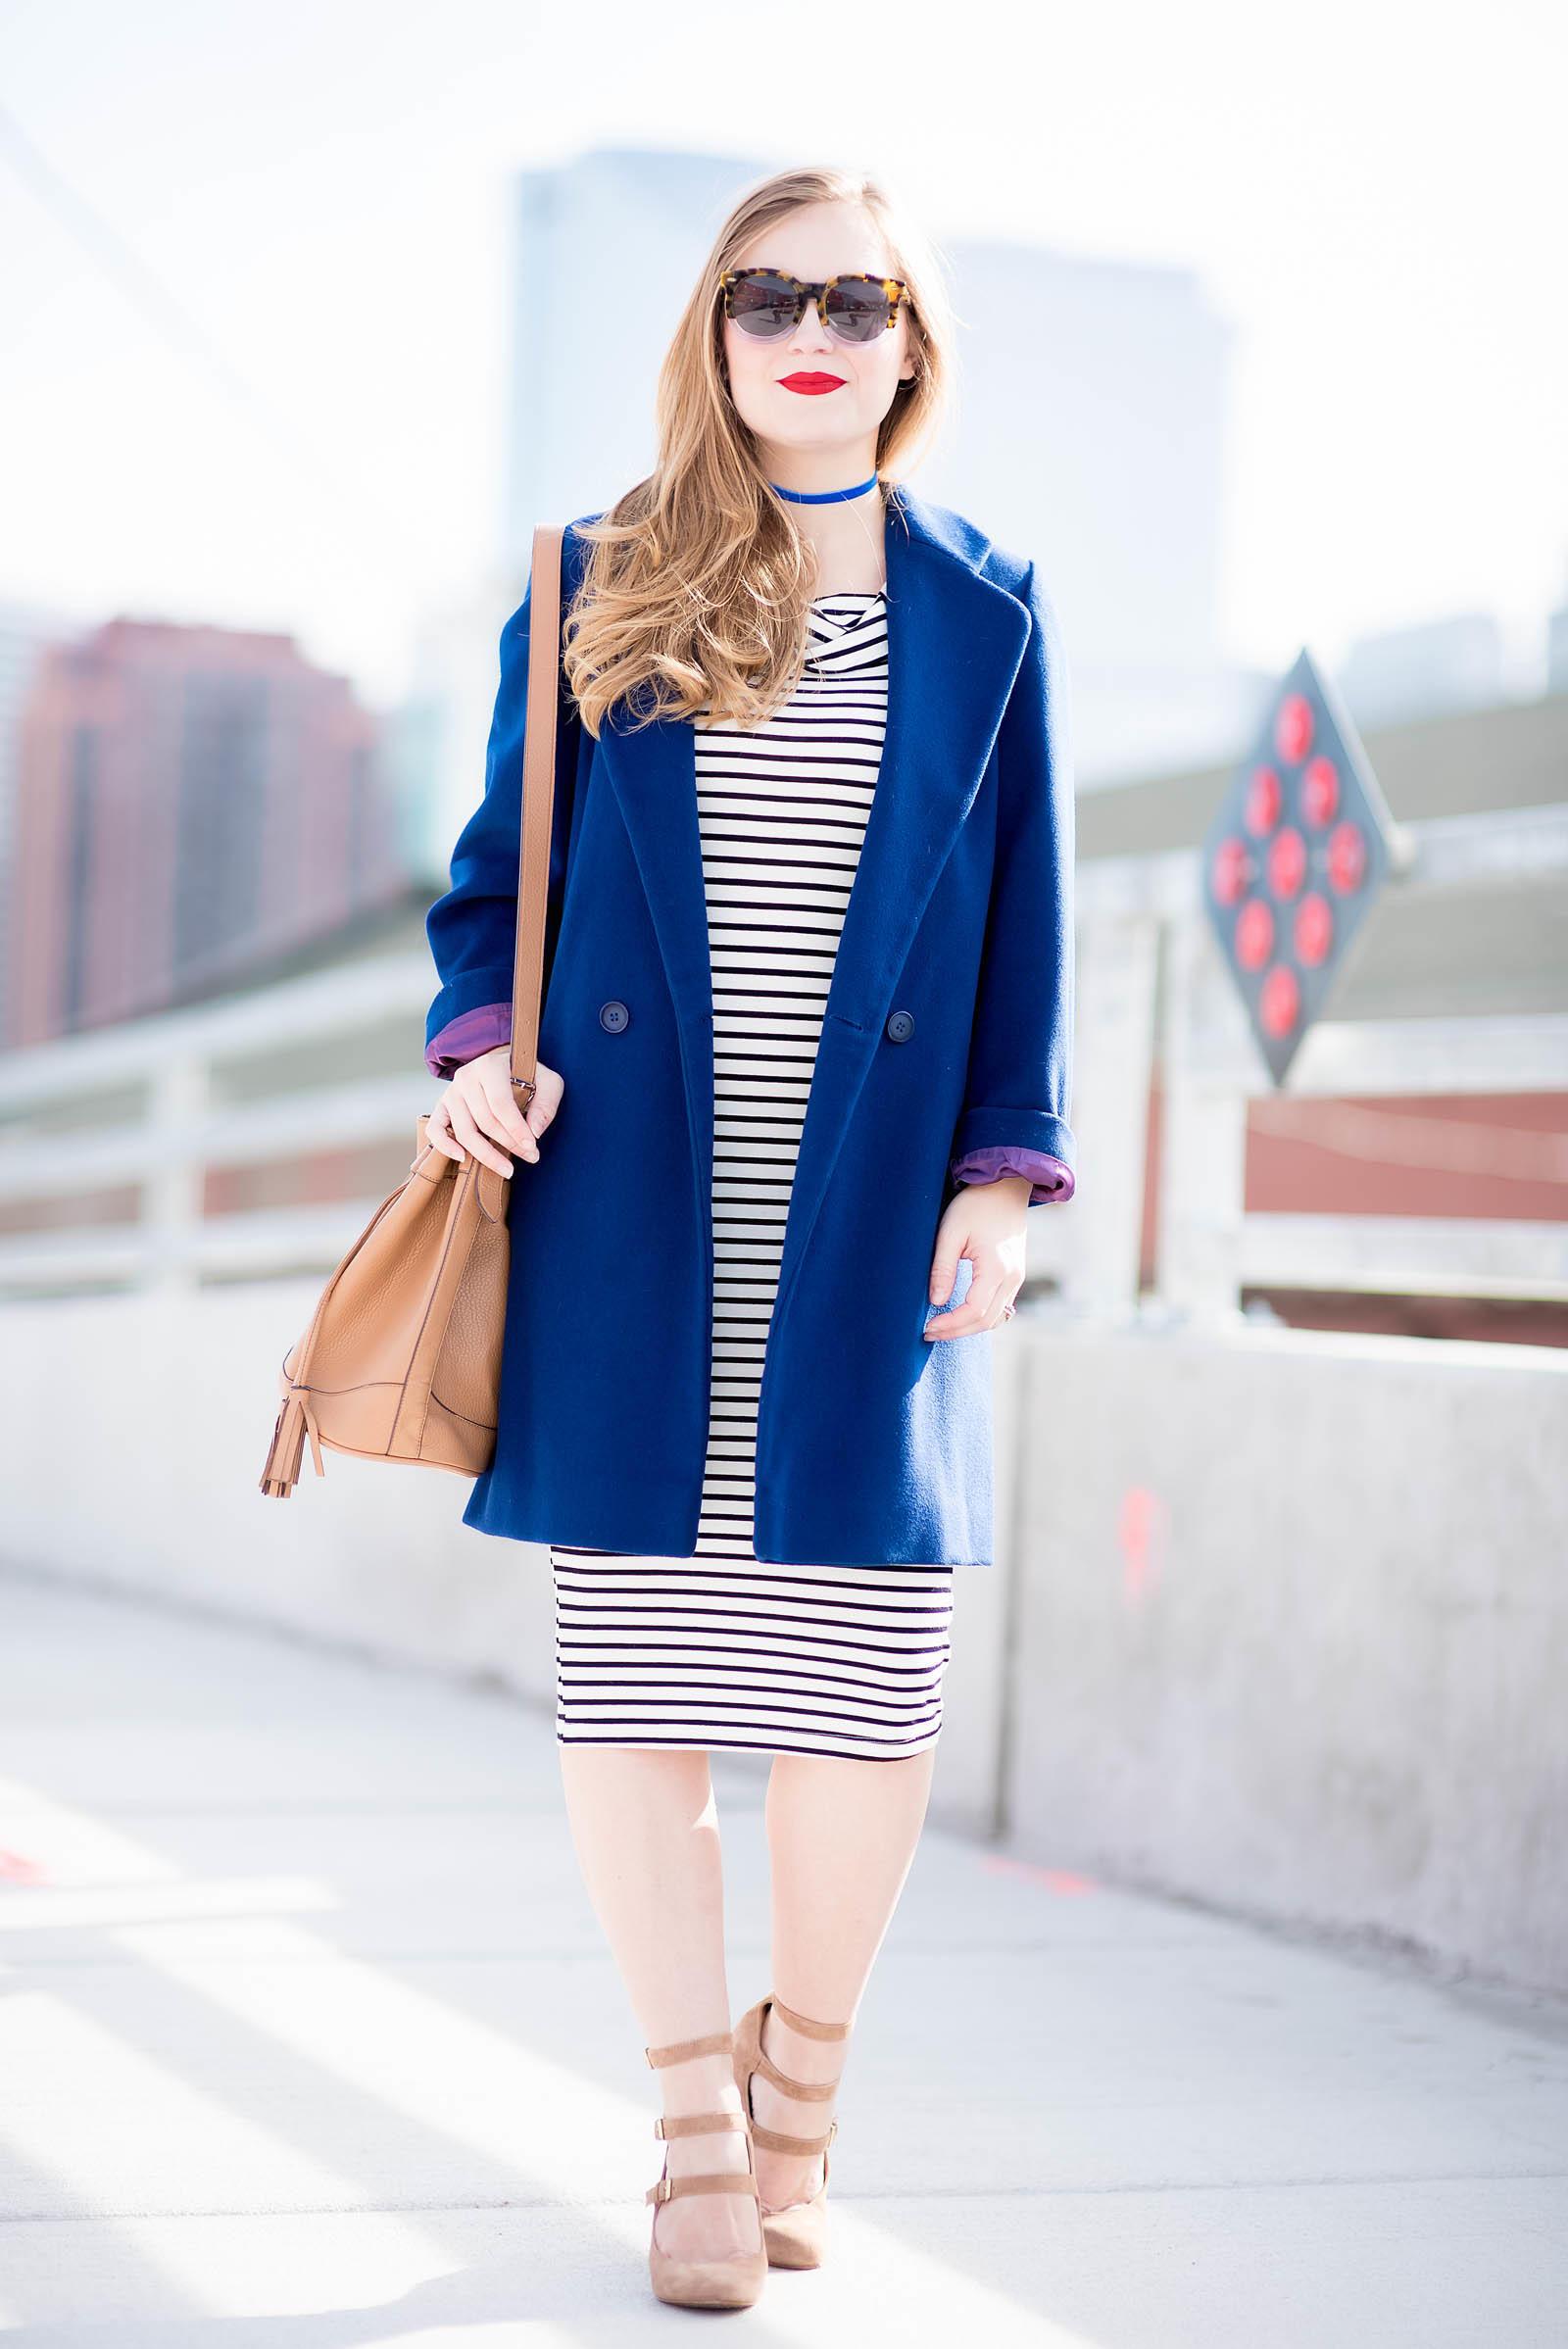 Cobalt Coat Striped Dress Steve Madden